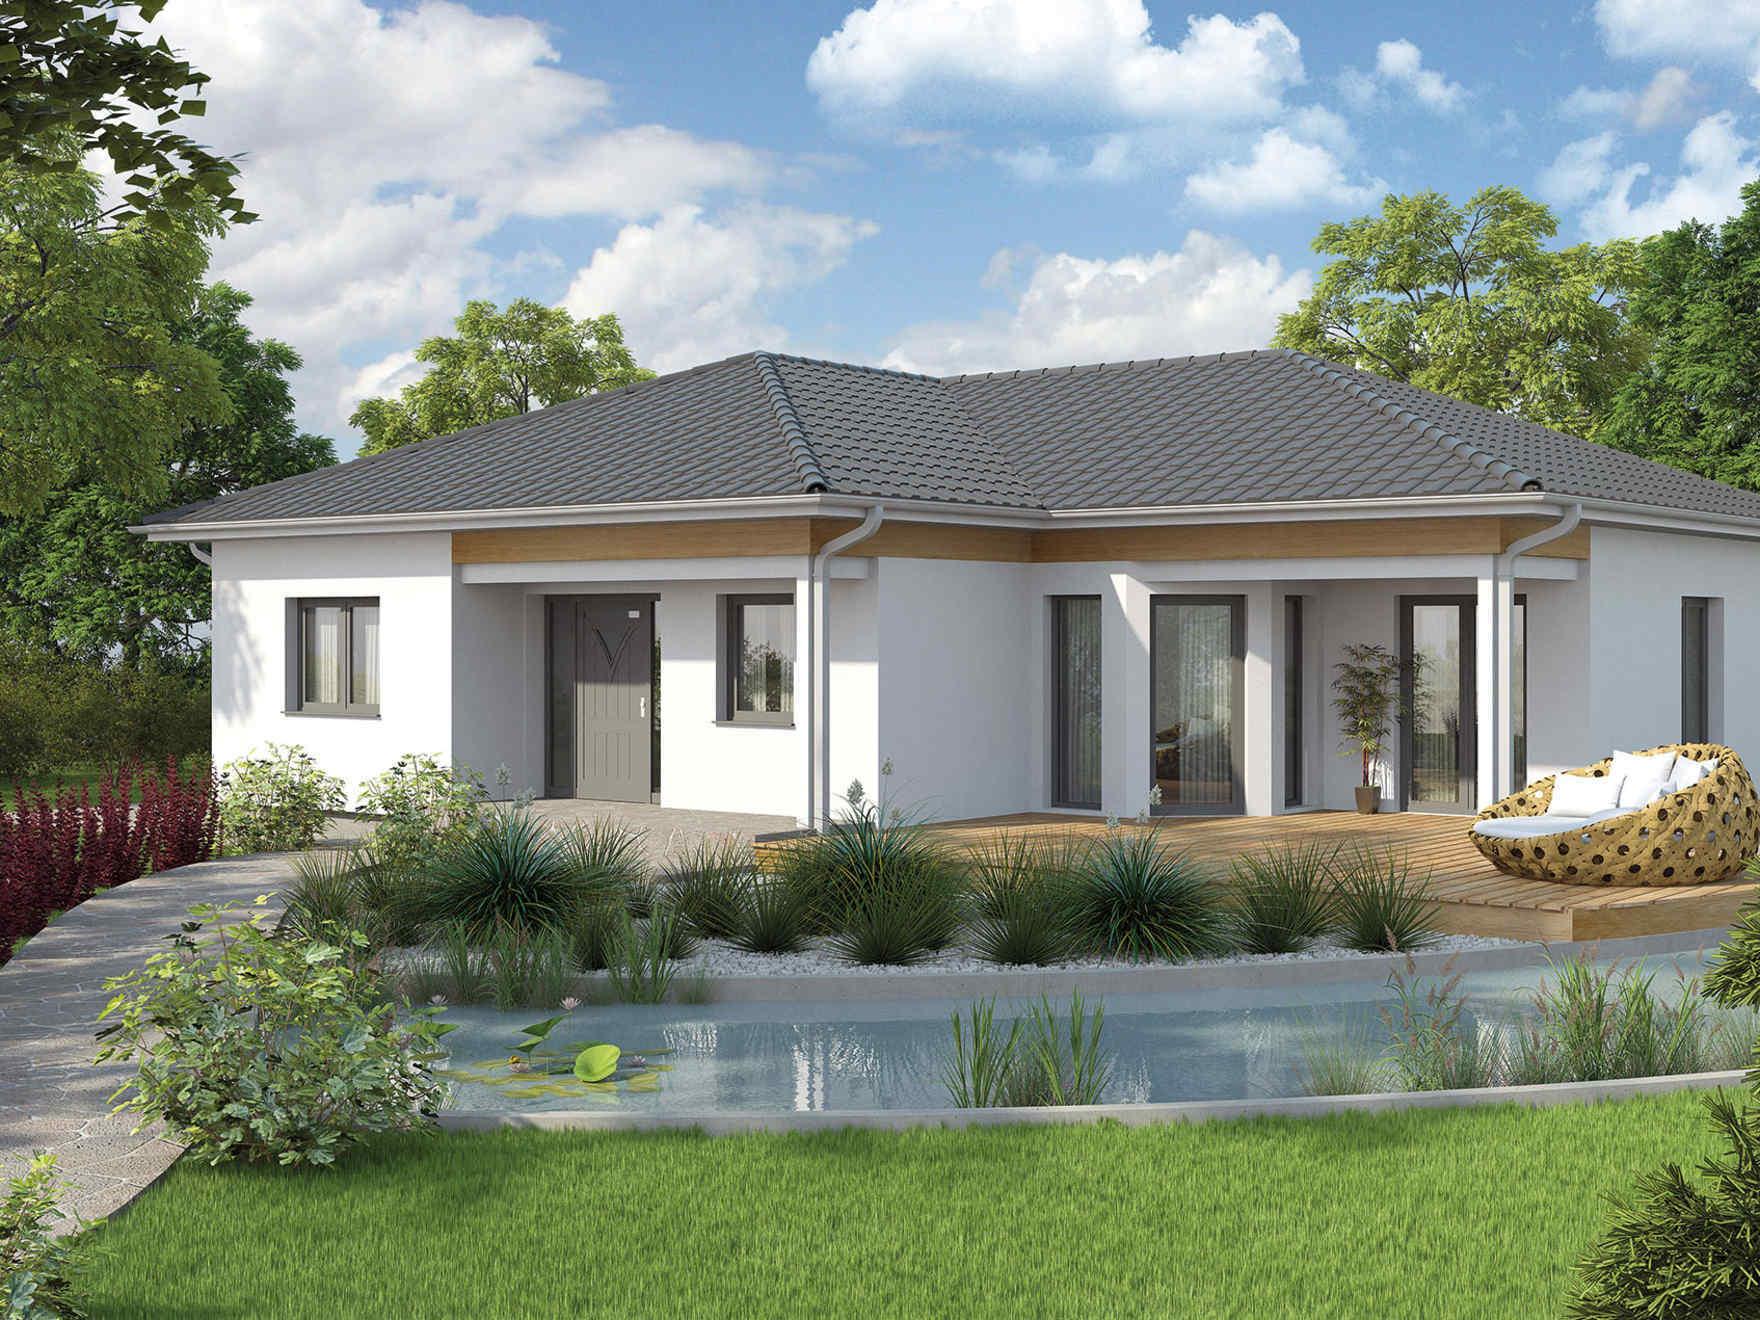 Case Moderne Ad Un Piano : Casa in legno ad un solo piano scopri le case bungalow di vario